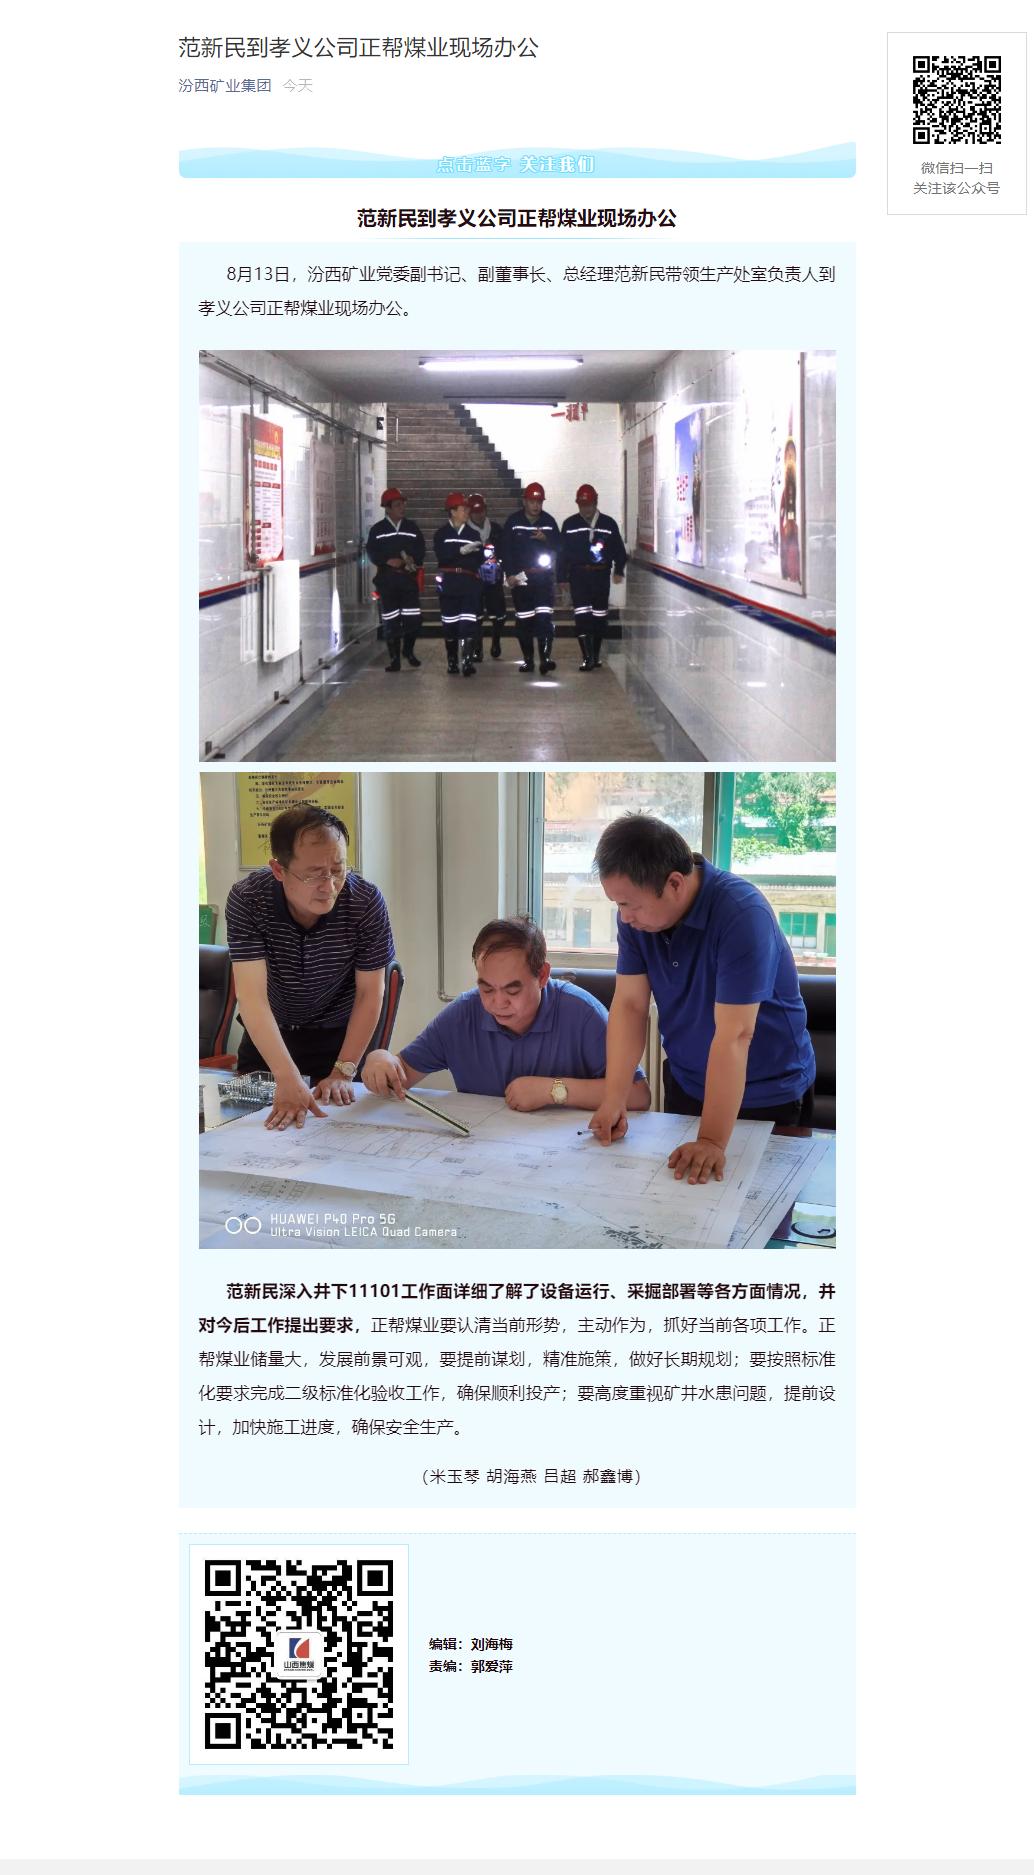 范新民到孝义公司正帮煤业现场办公.png